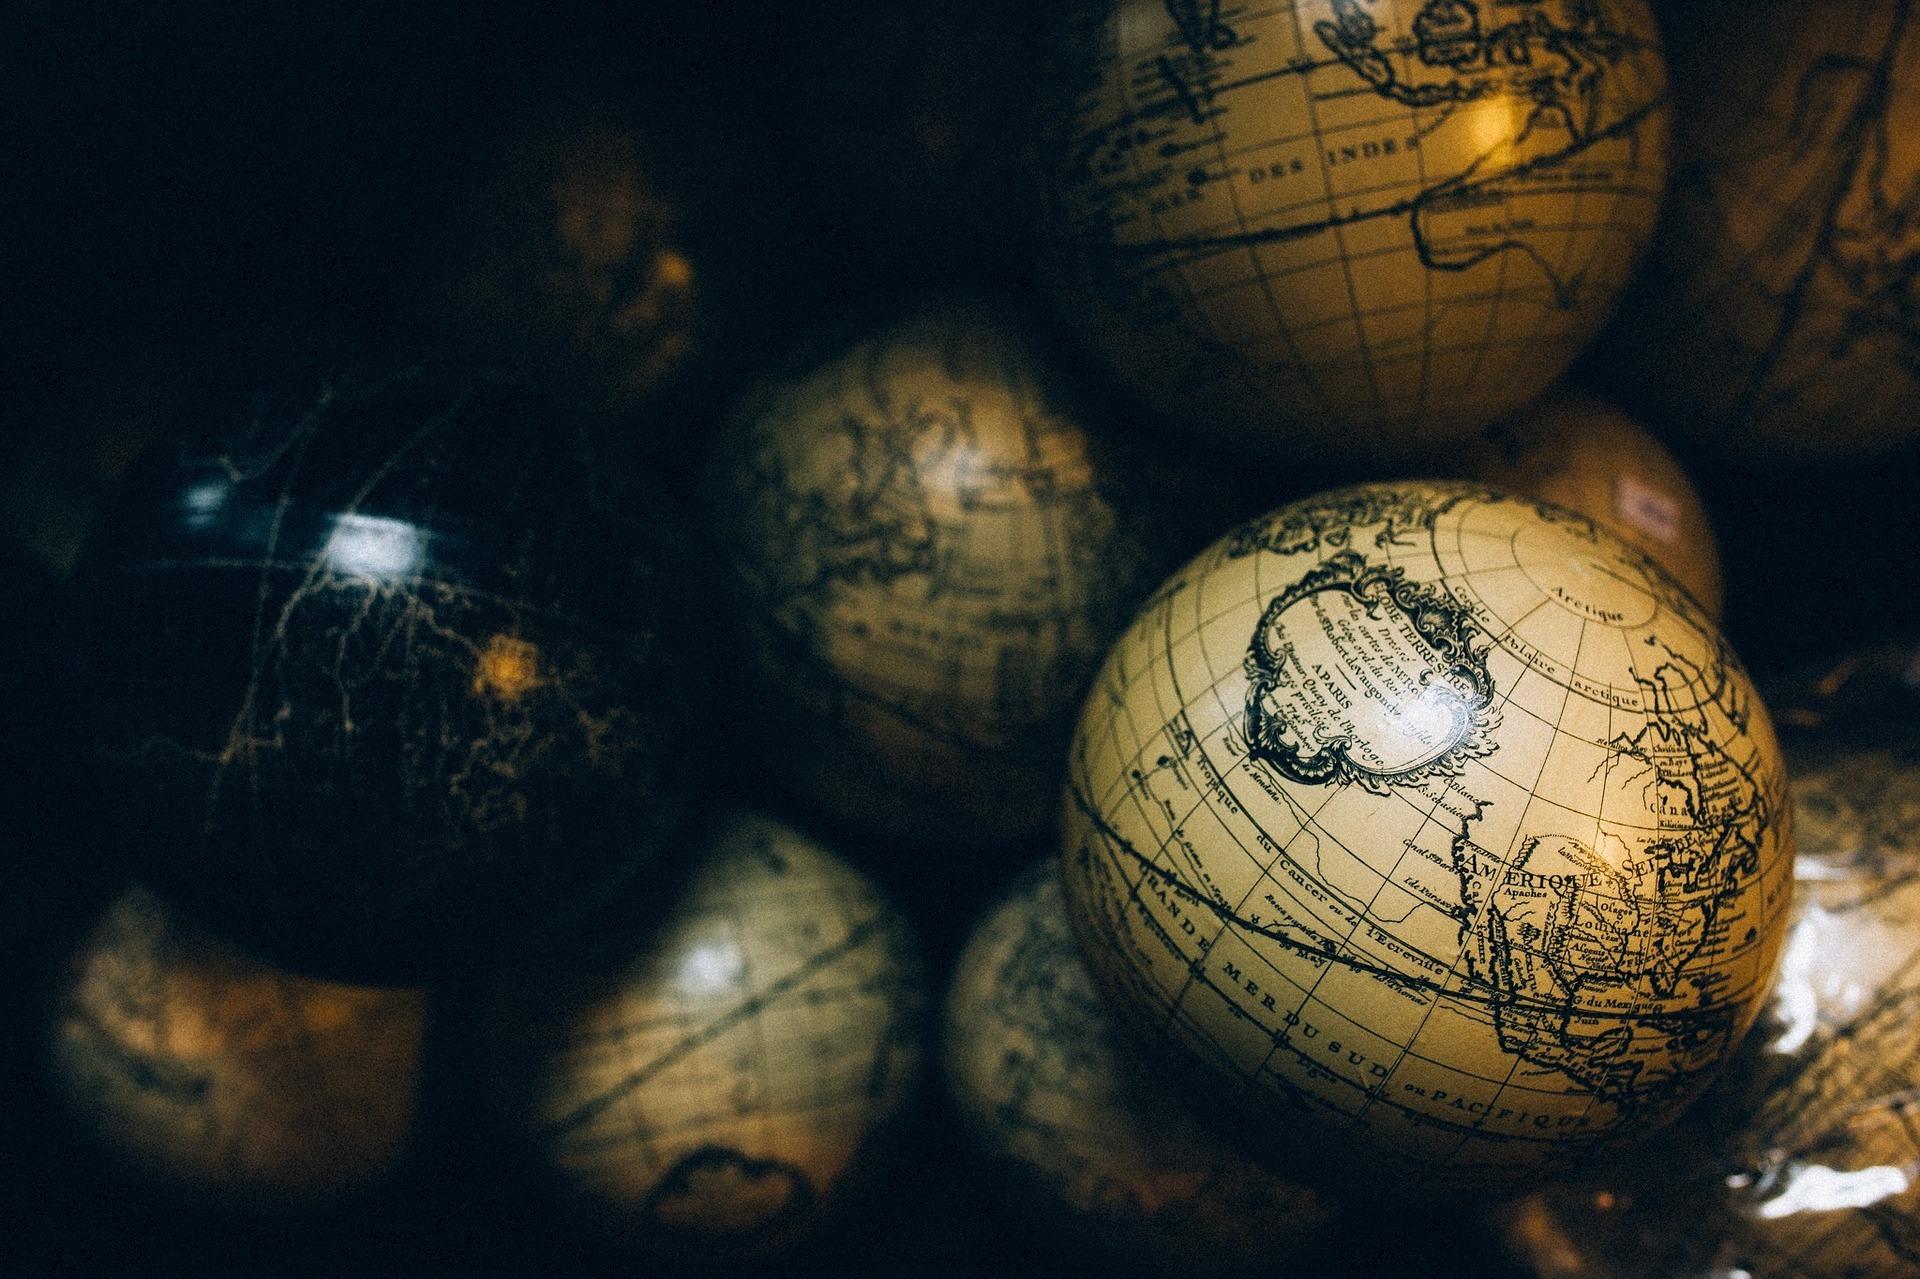 Sviluppo globale, crisi globali: un percorso economico nella storia della contemporaneità